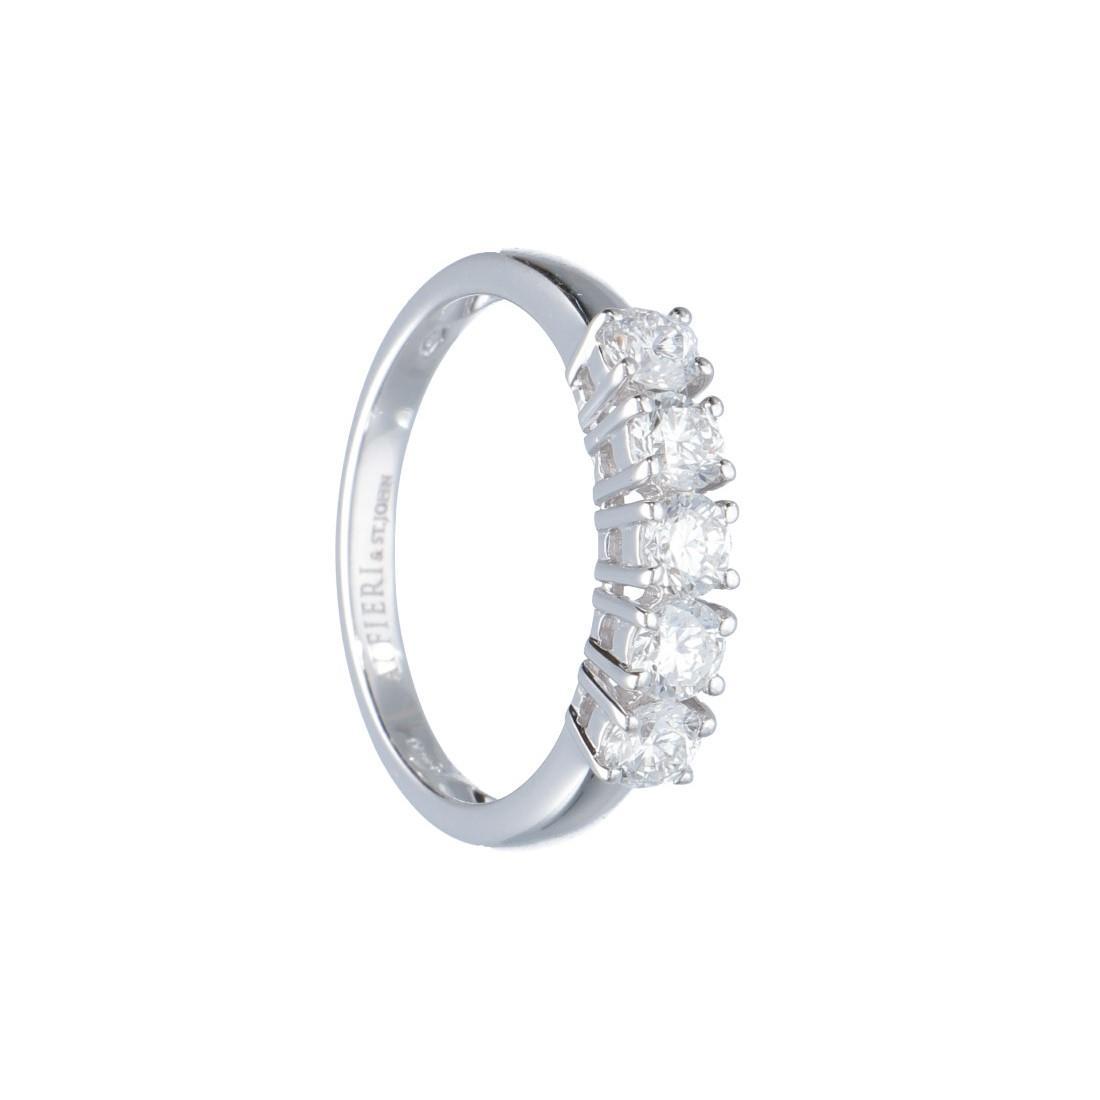 Anello riviere 5 pietre in oro bianco con diamanti 0.93 ct mis 15.5 - ALFIERI ST JOHN